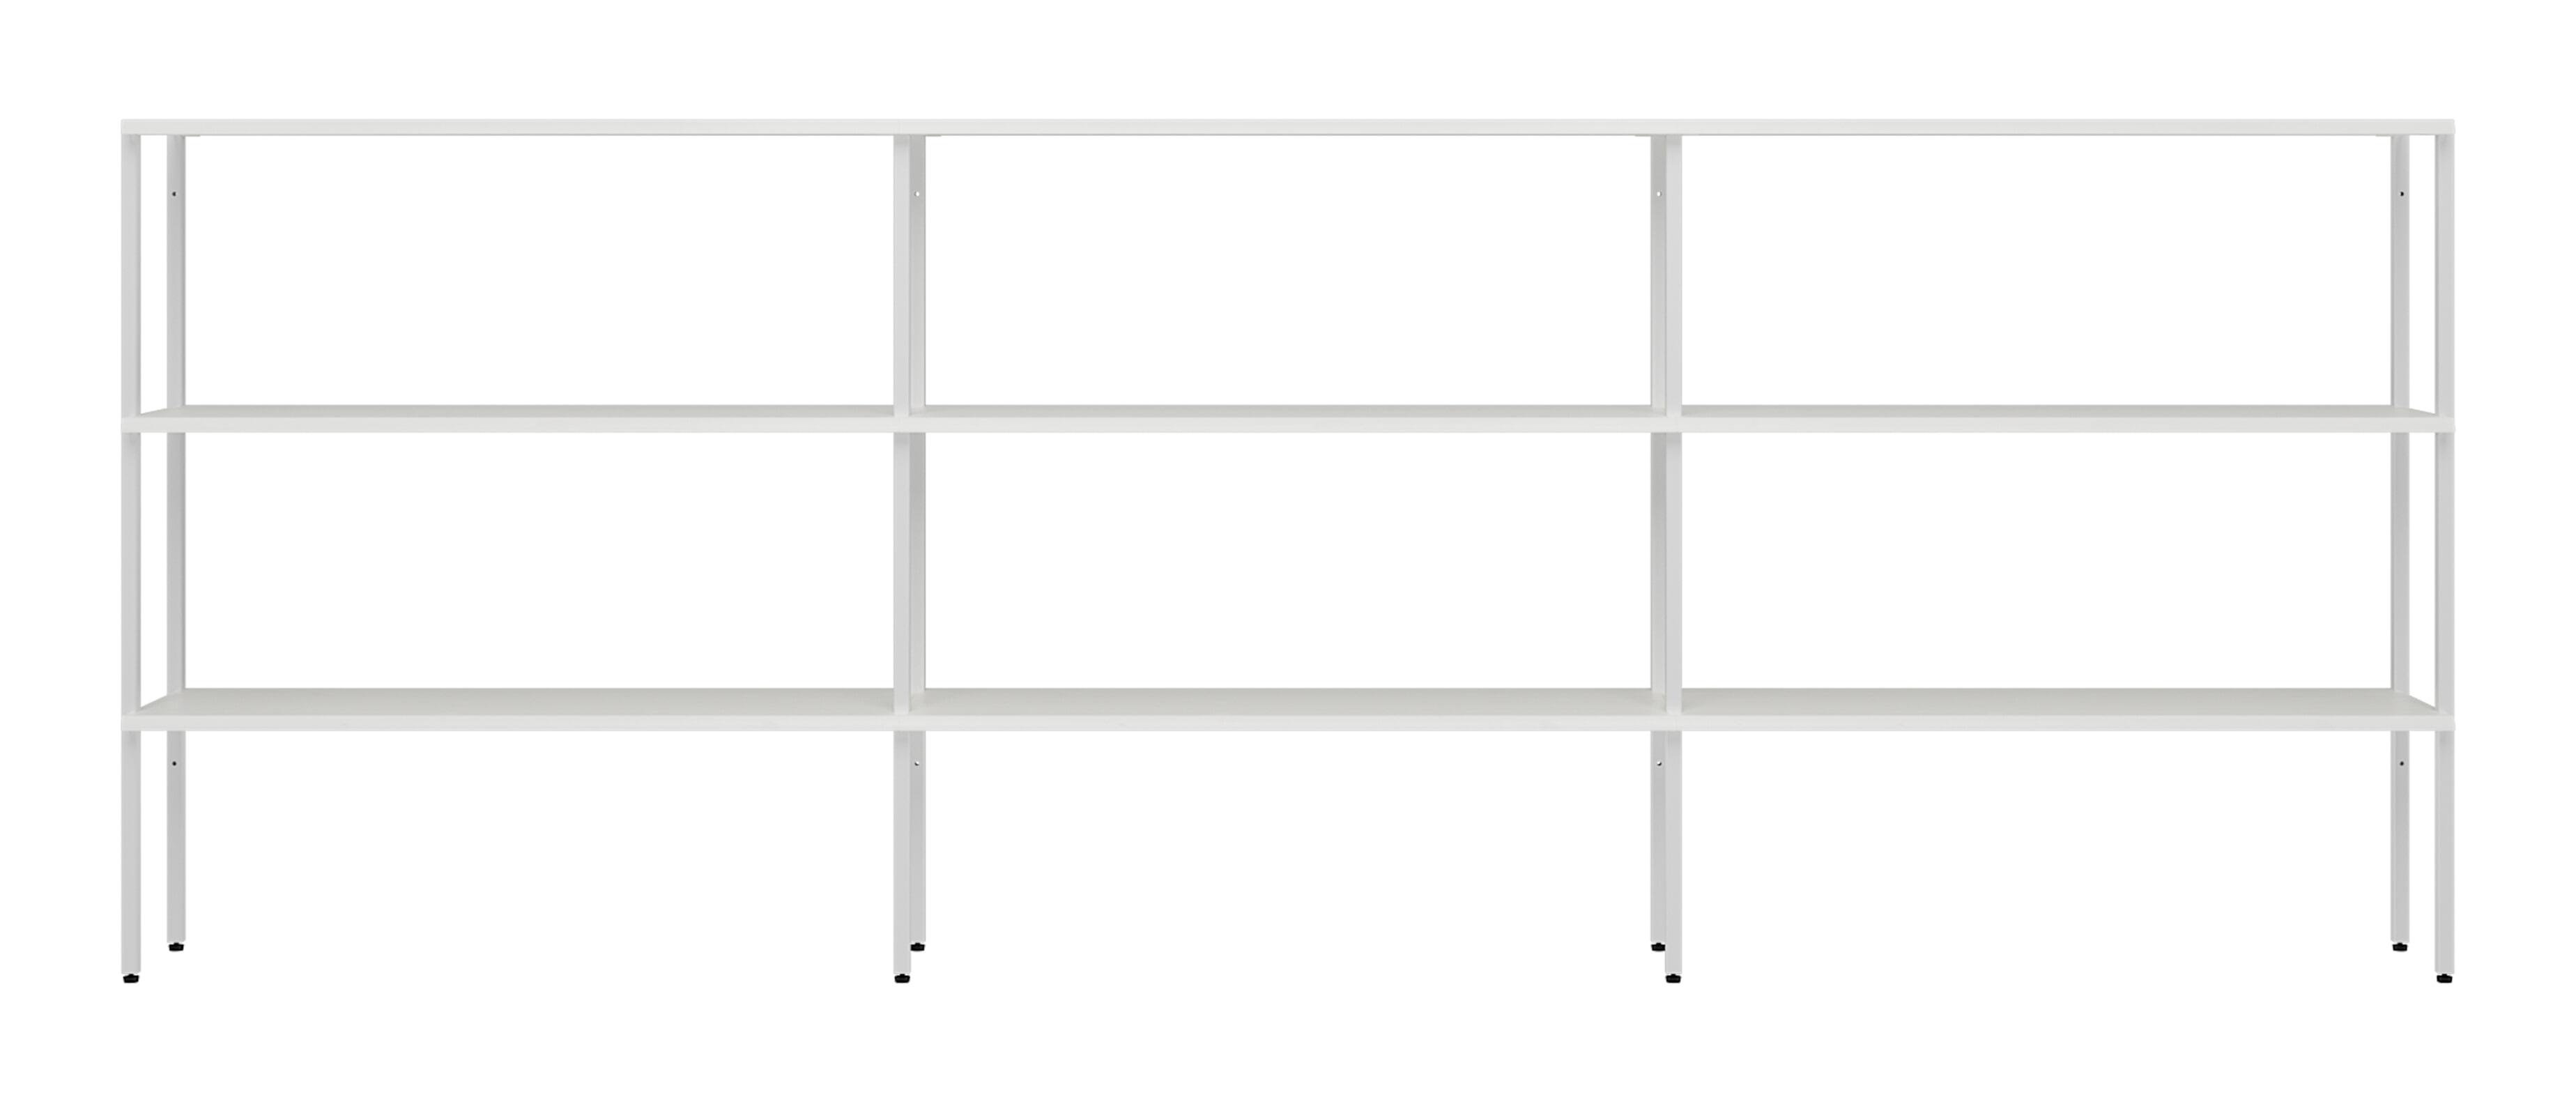 vtwonen Wandrek 'Rack' kleur Wit